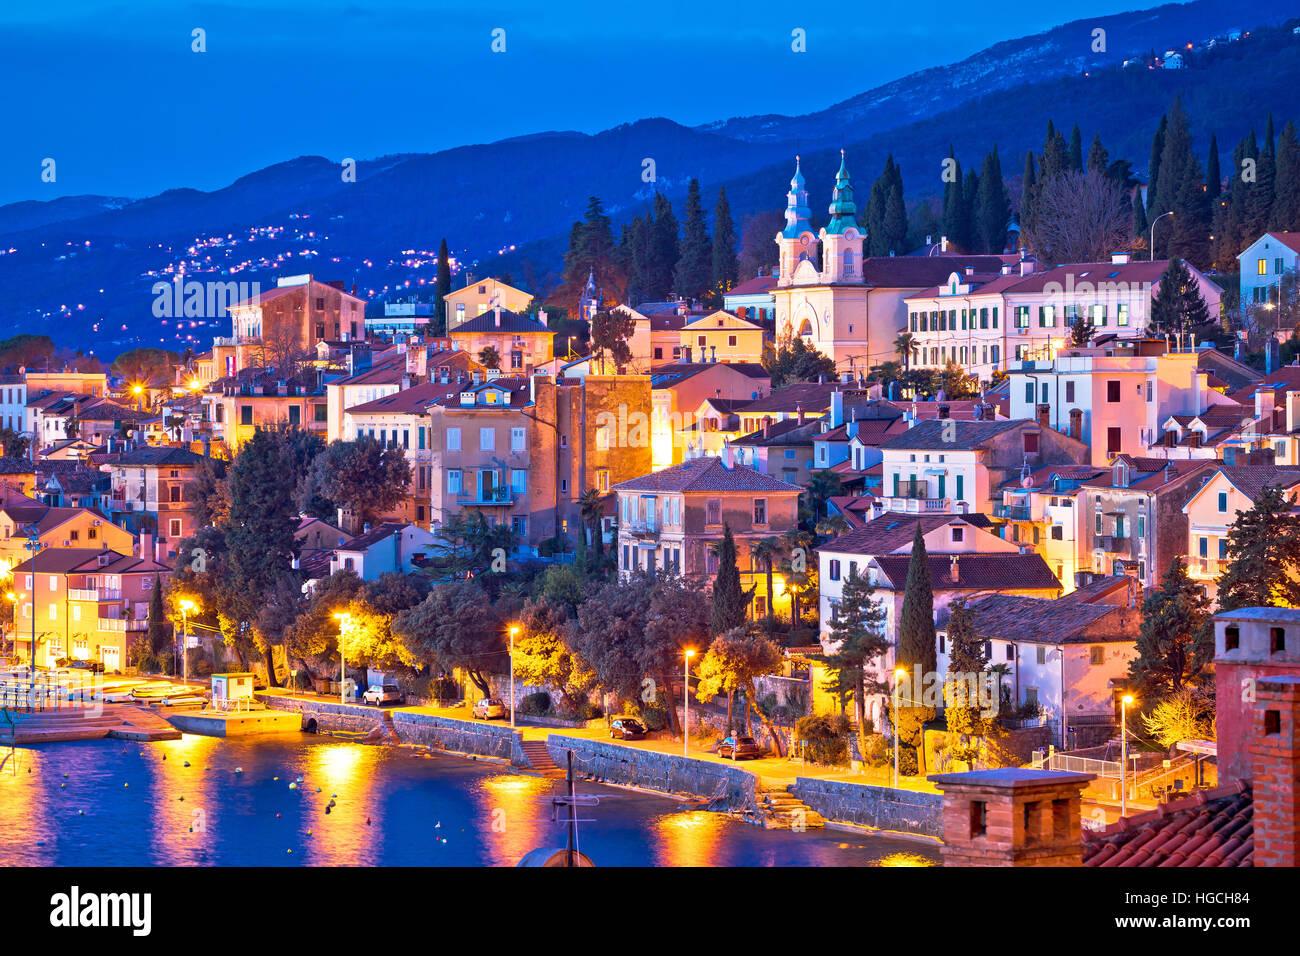 Ciudad de Volosko noche waterfront ver riviera de Opatija, Croacia Foto de stock